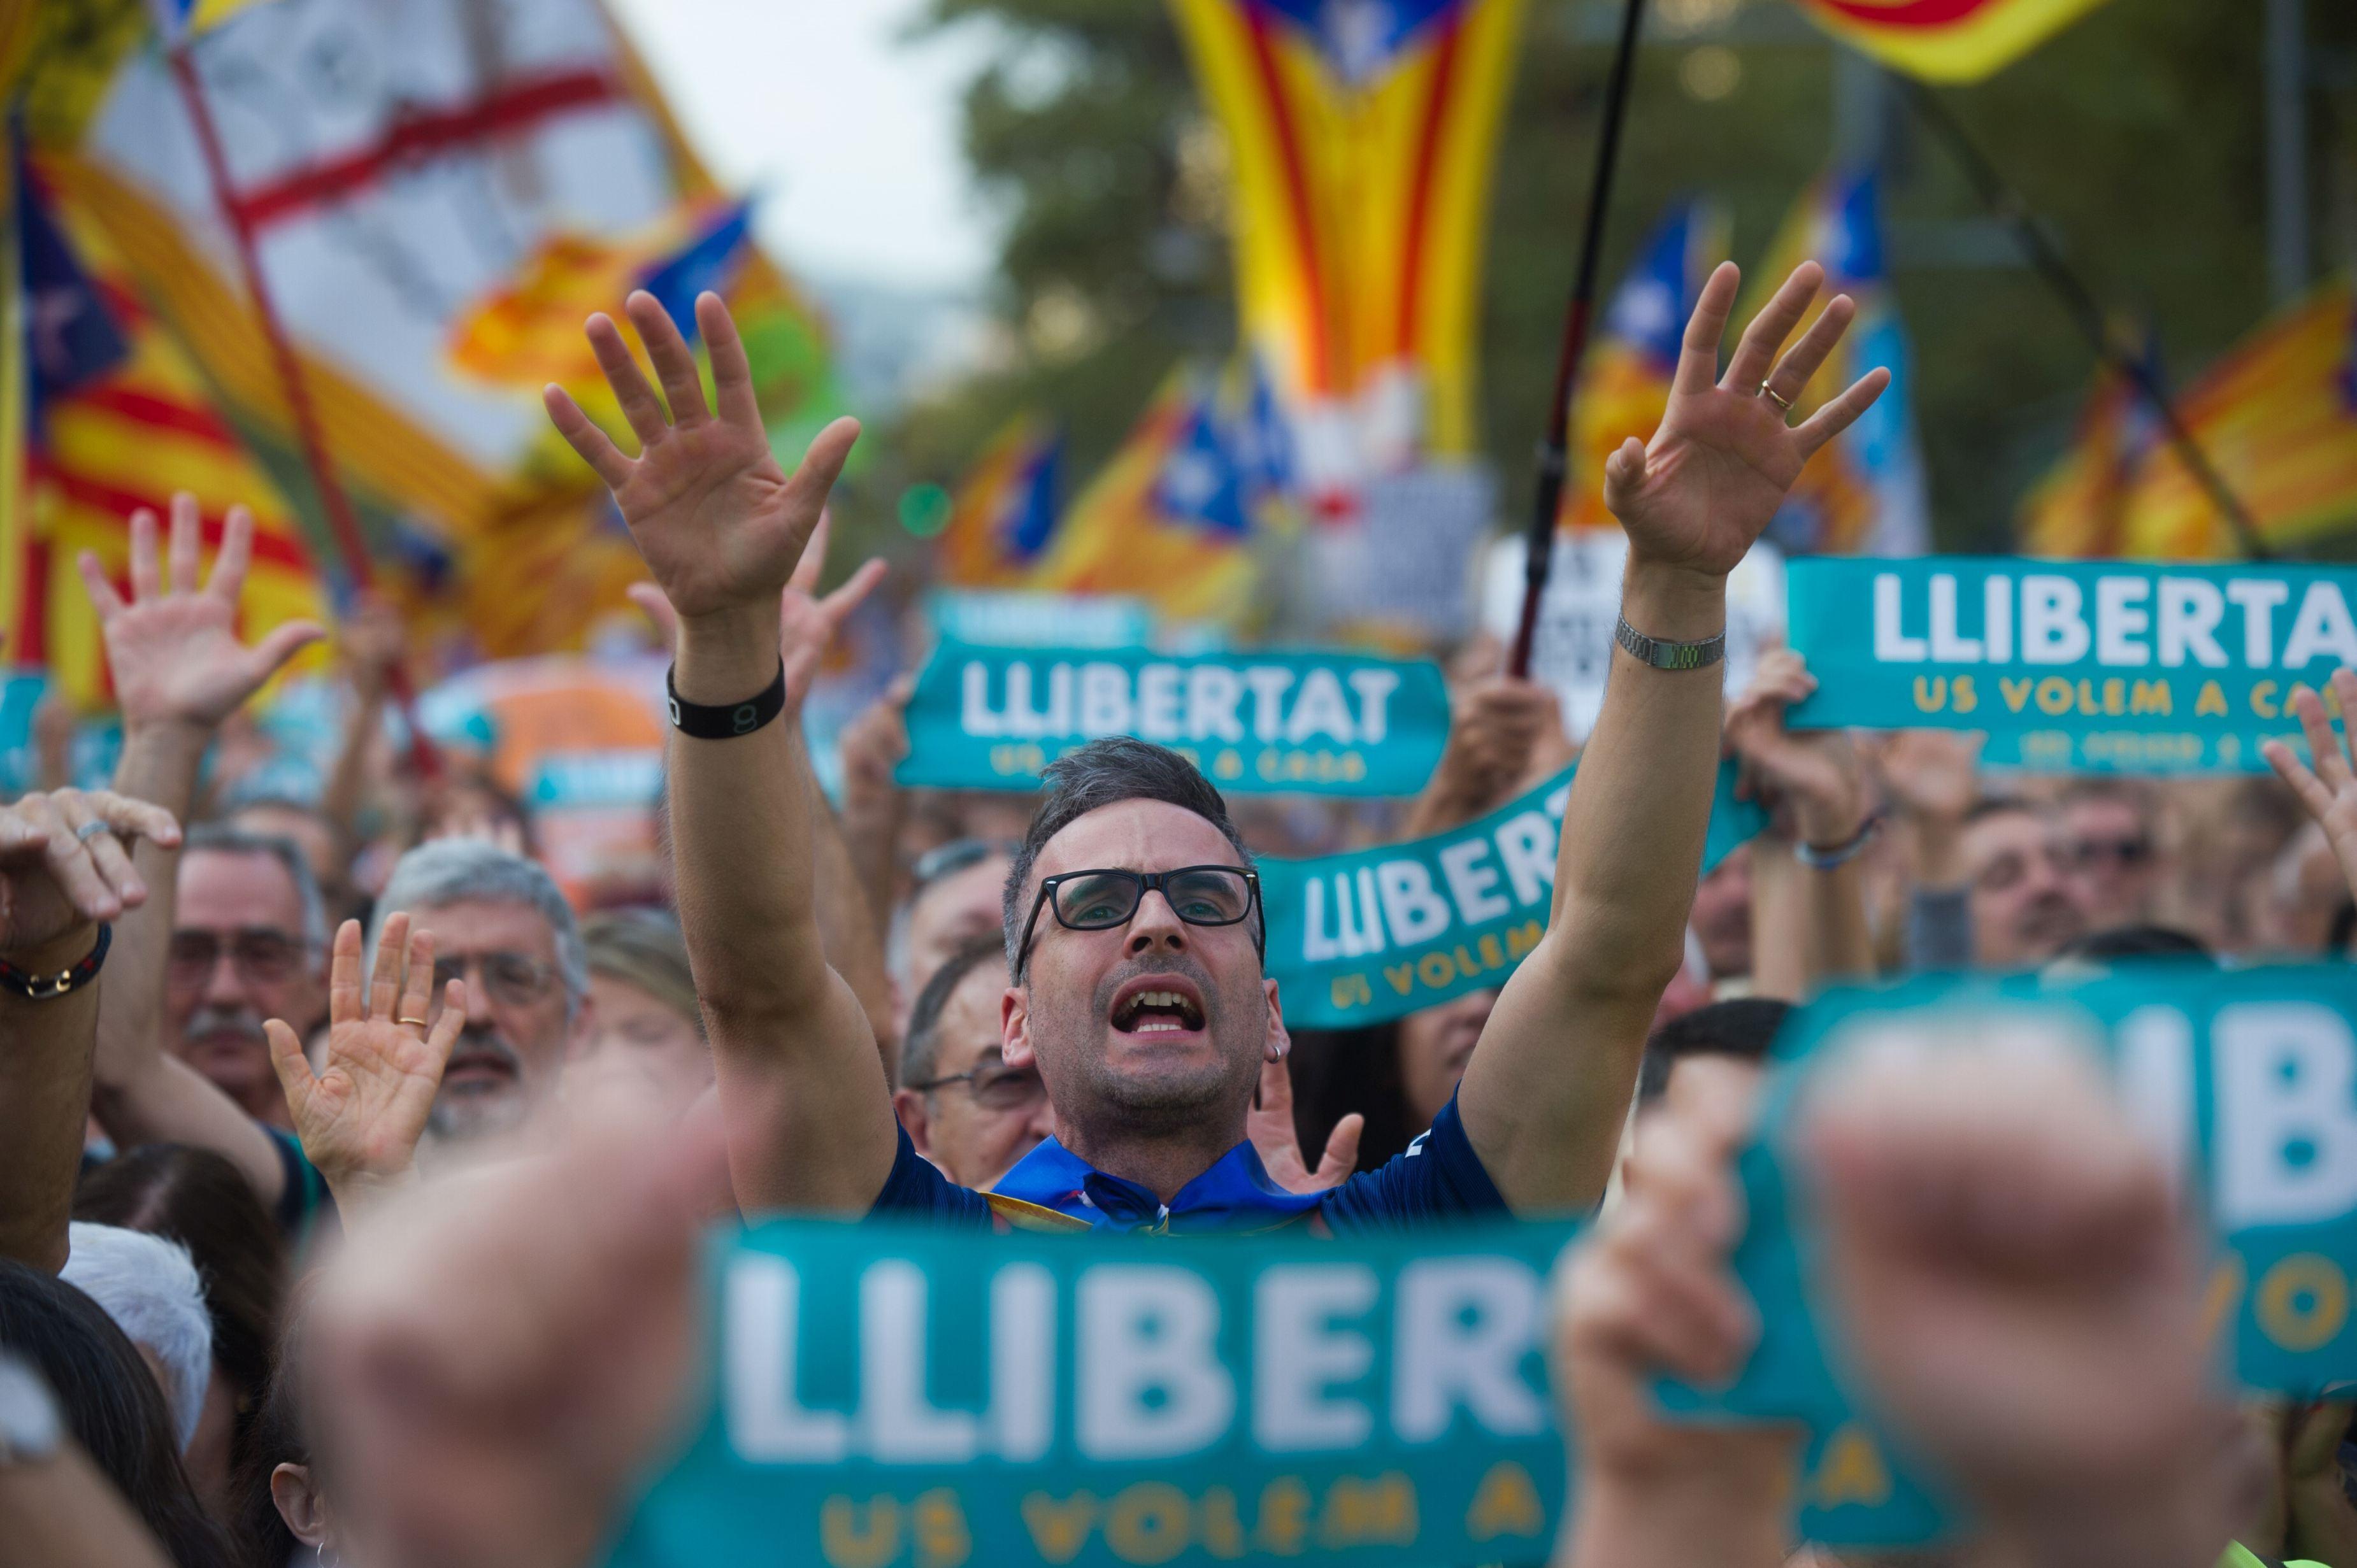 Mii de studenţi protestează în Catalonia împotriva deciziilor guvernului central de la Madrid - IMAGINI VIDEO